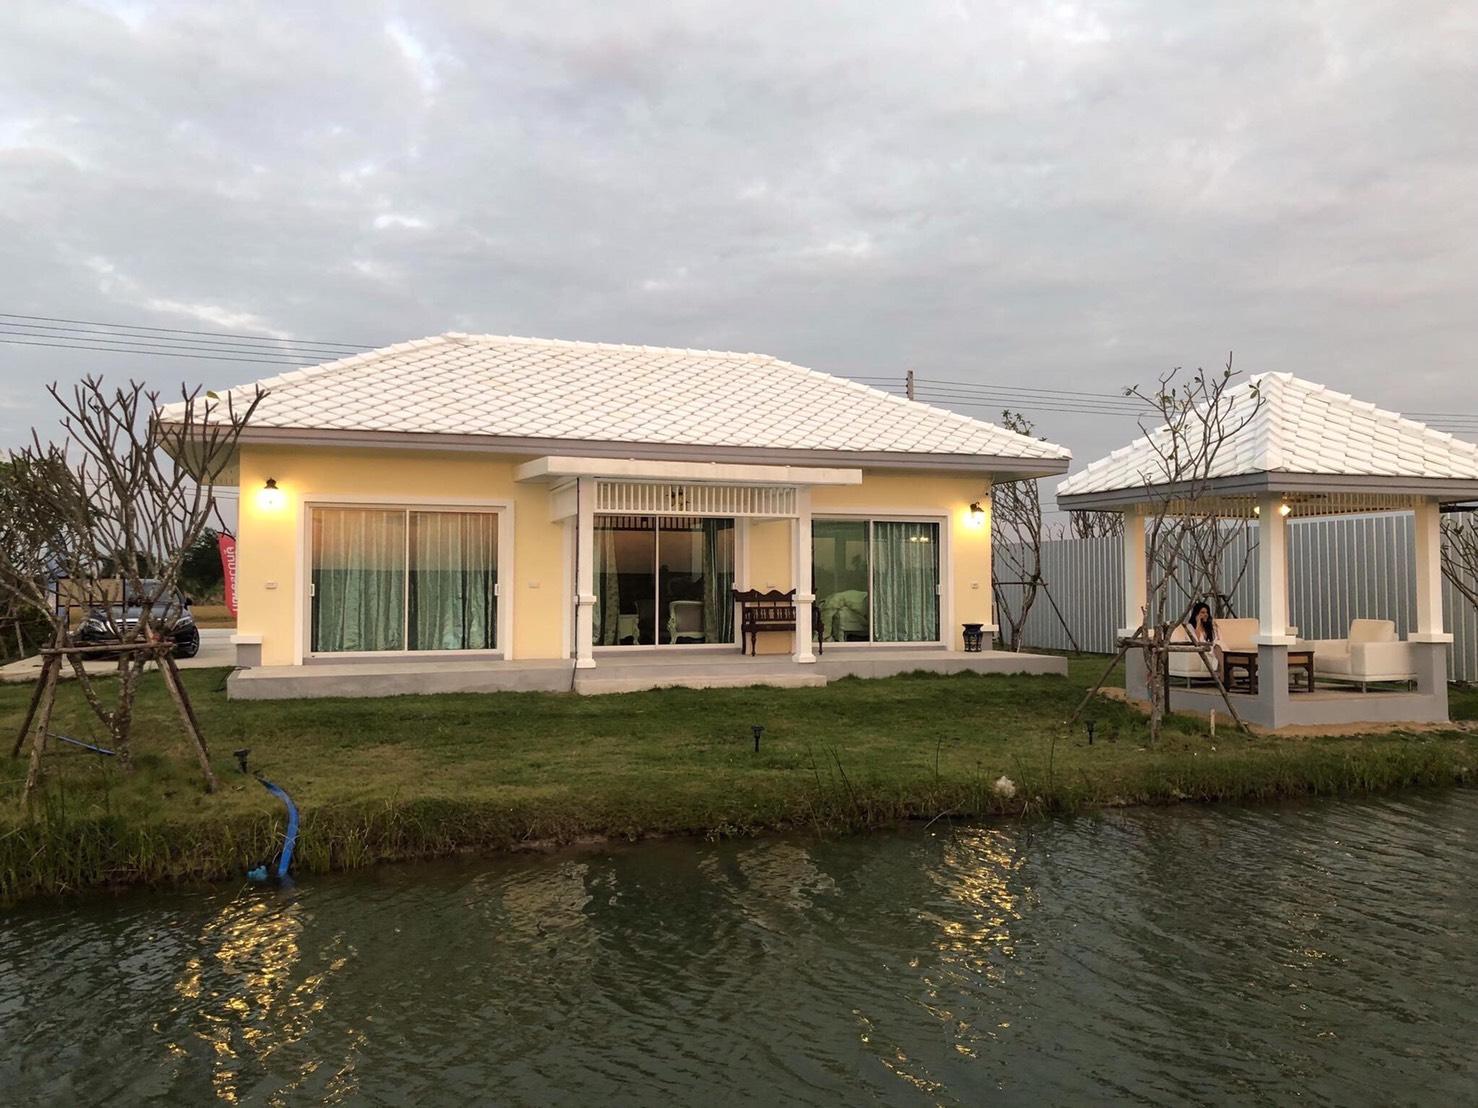 ขายบ้านเดี่ยว โครงการใหม่ บ้านใหม่ สไตล์รัชกาลที่ ๕ ติดริมน้ำทุกหลัง จ. นครปฐม